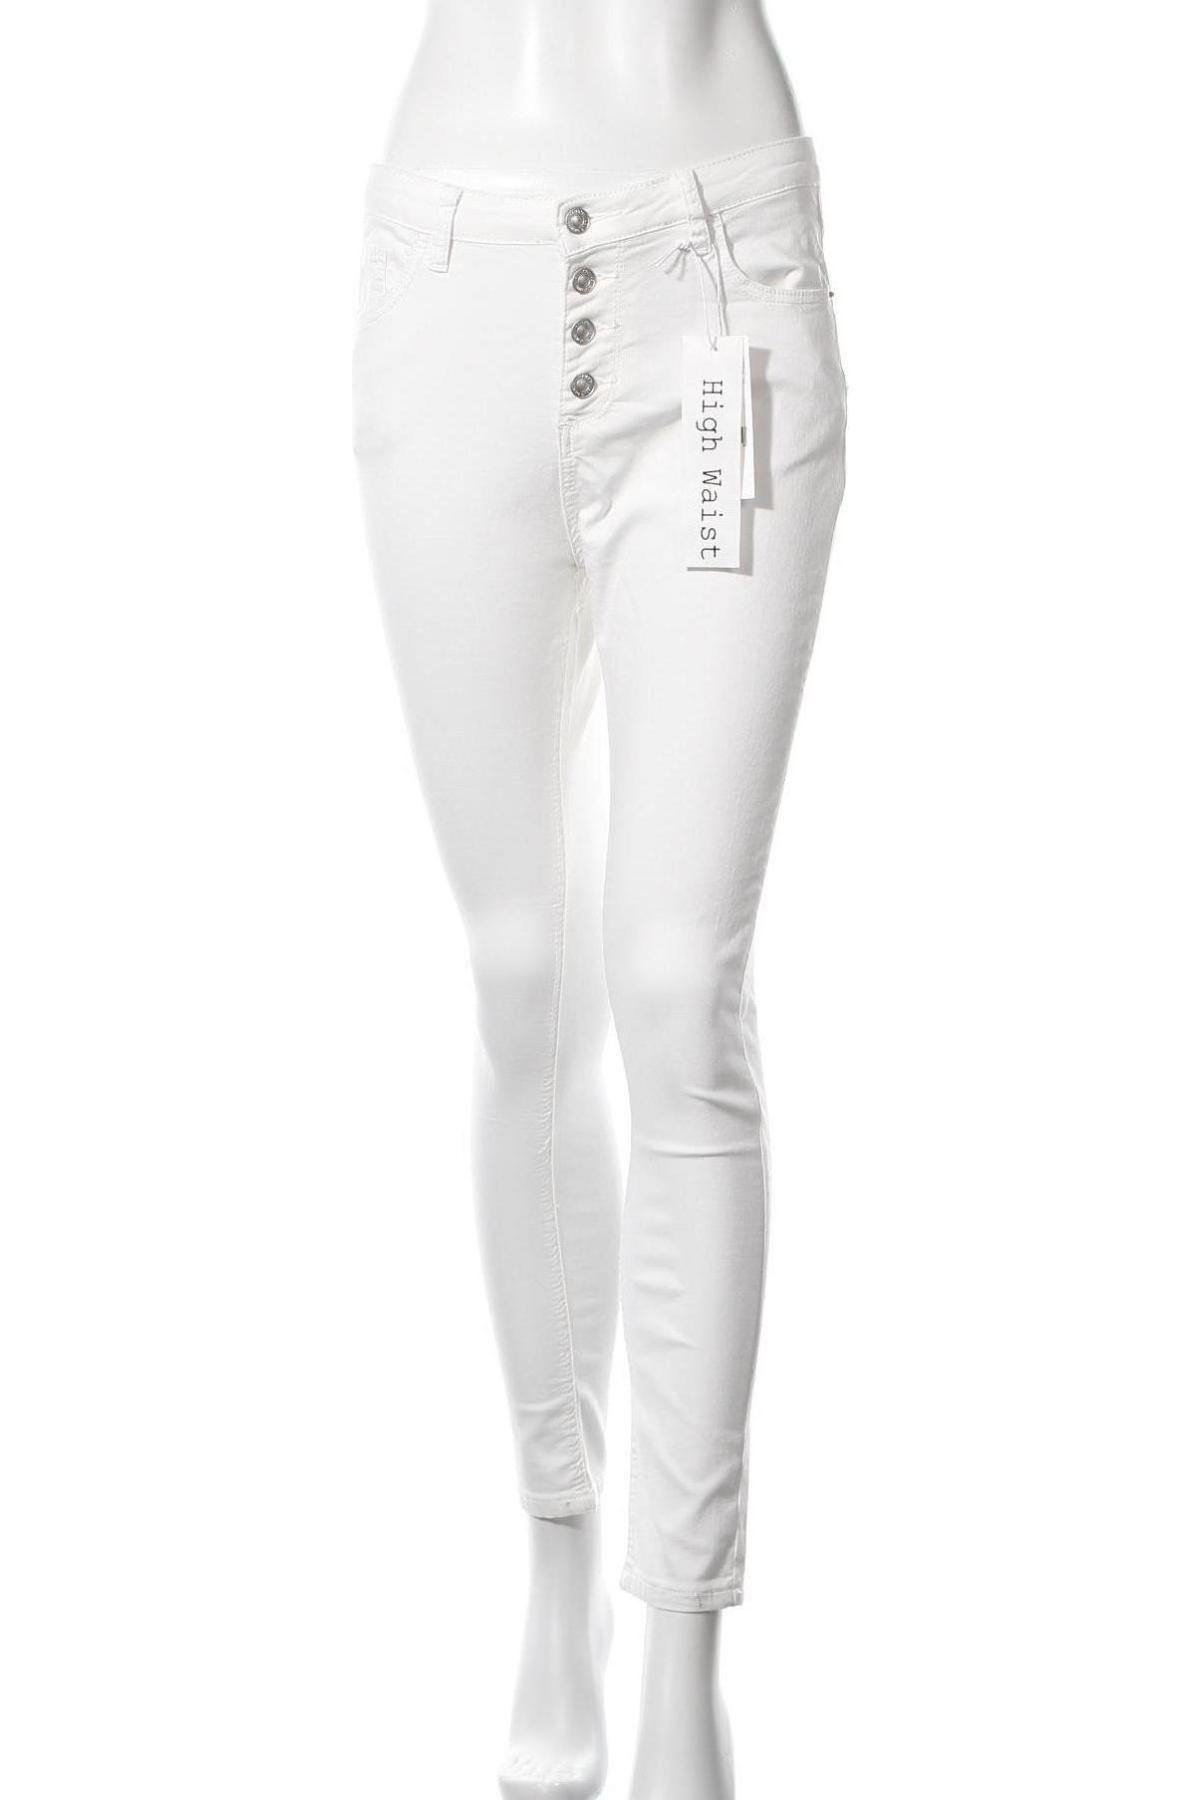 Дамски дънки Haily`s, Размер L, Цвят Бял, 65% памук, 33% полиестер, 2% еластан, Цена 36,75лв.